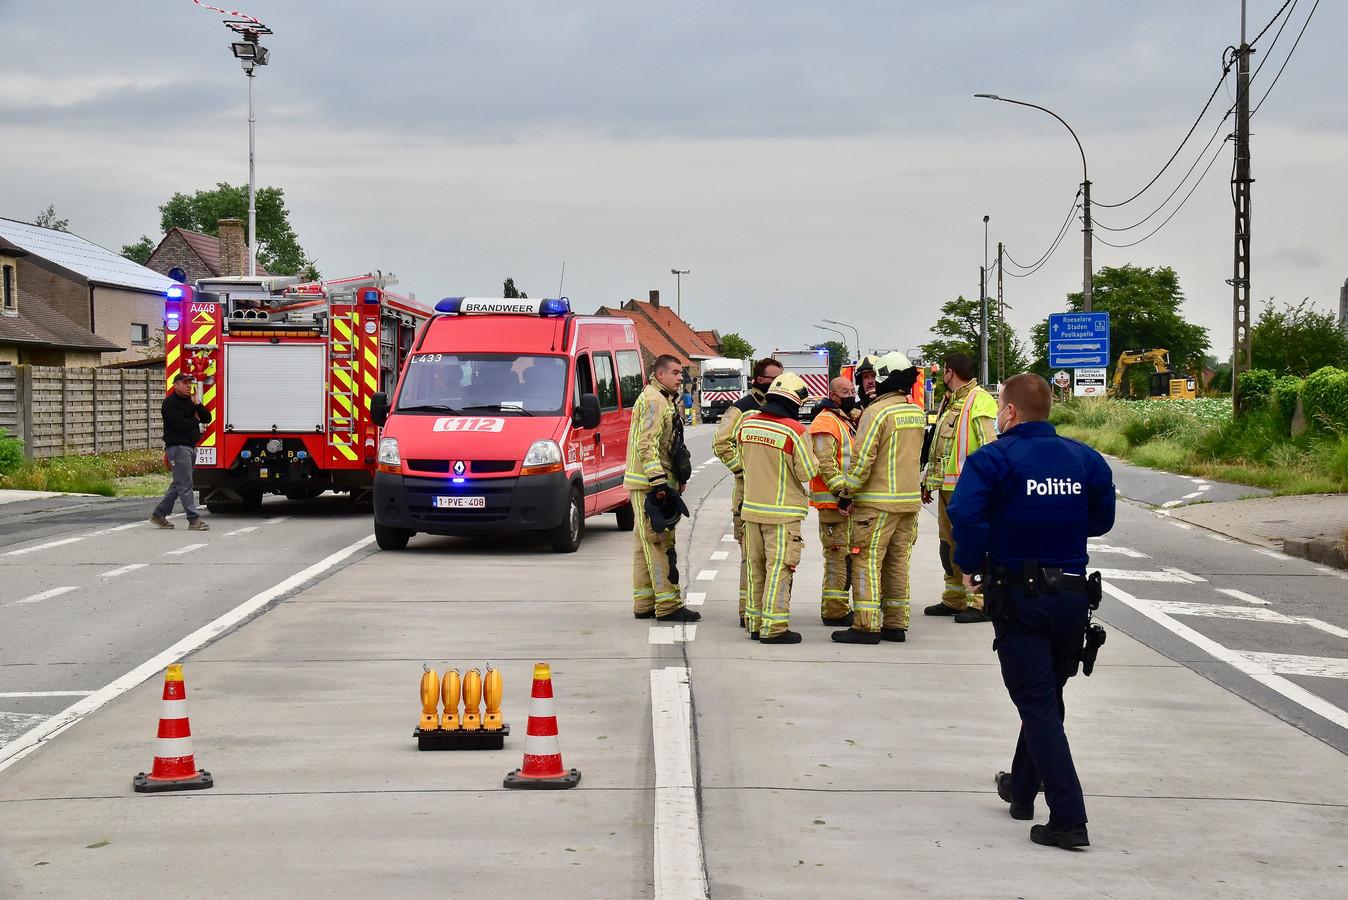 Brandweer en politie stelden een perimeter van 200 meter in na het gaslek op het kruispunt van de Brugseweg met de Zonnebeekseweg in Langemark.